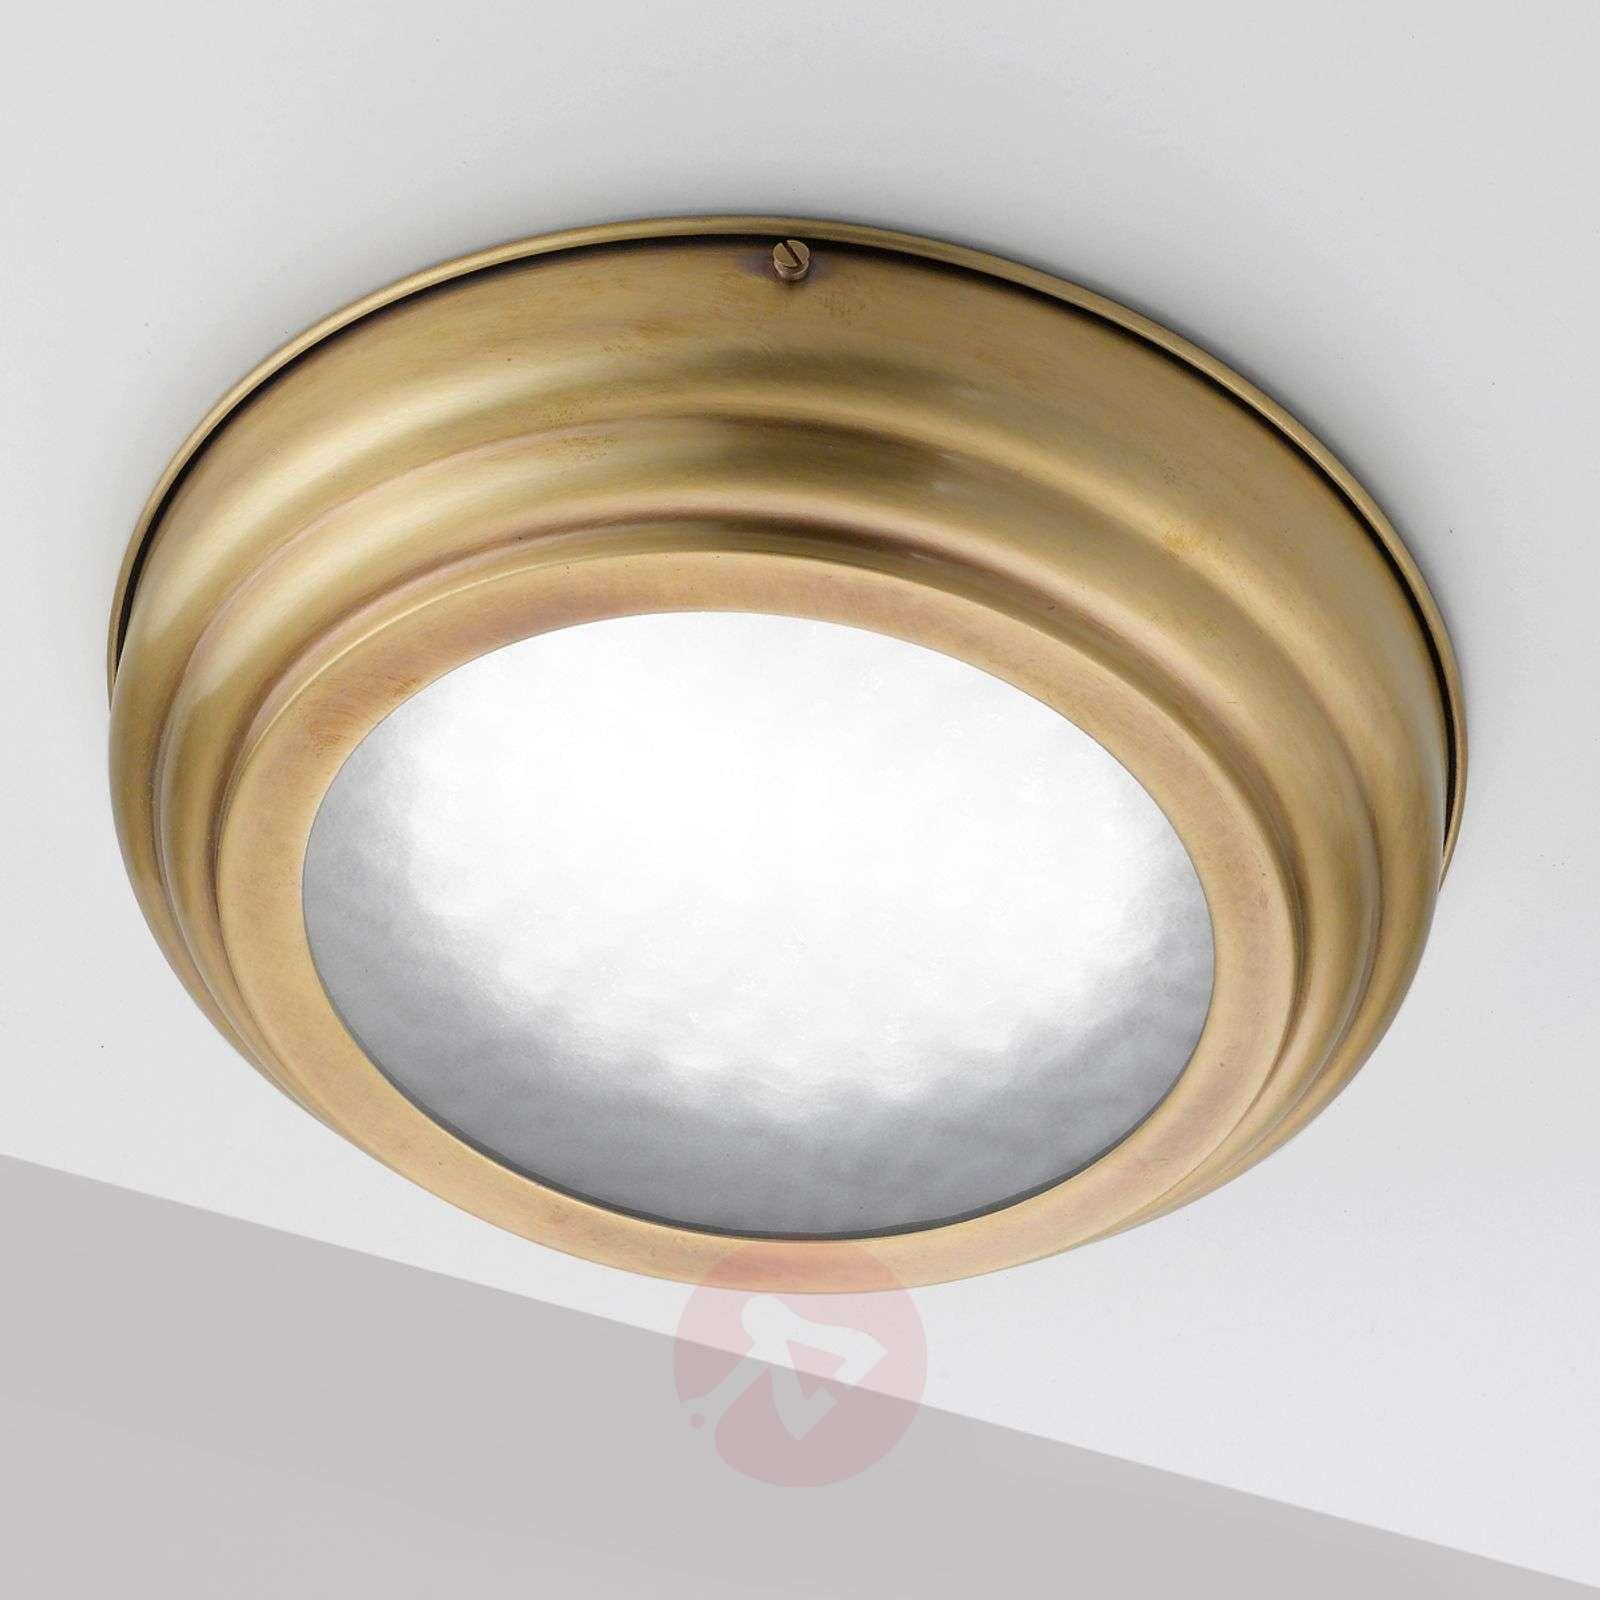 Tyylikäs LED-kattolamppu Scirocco, satinoitu mess.-2008286-01